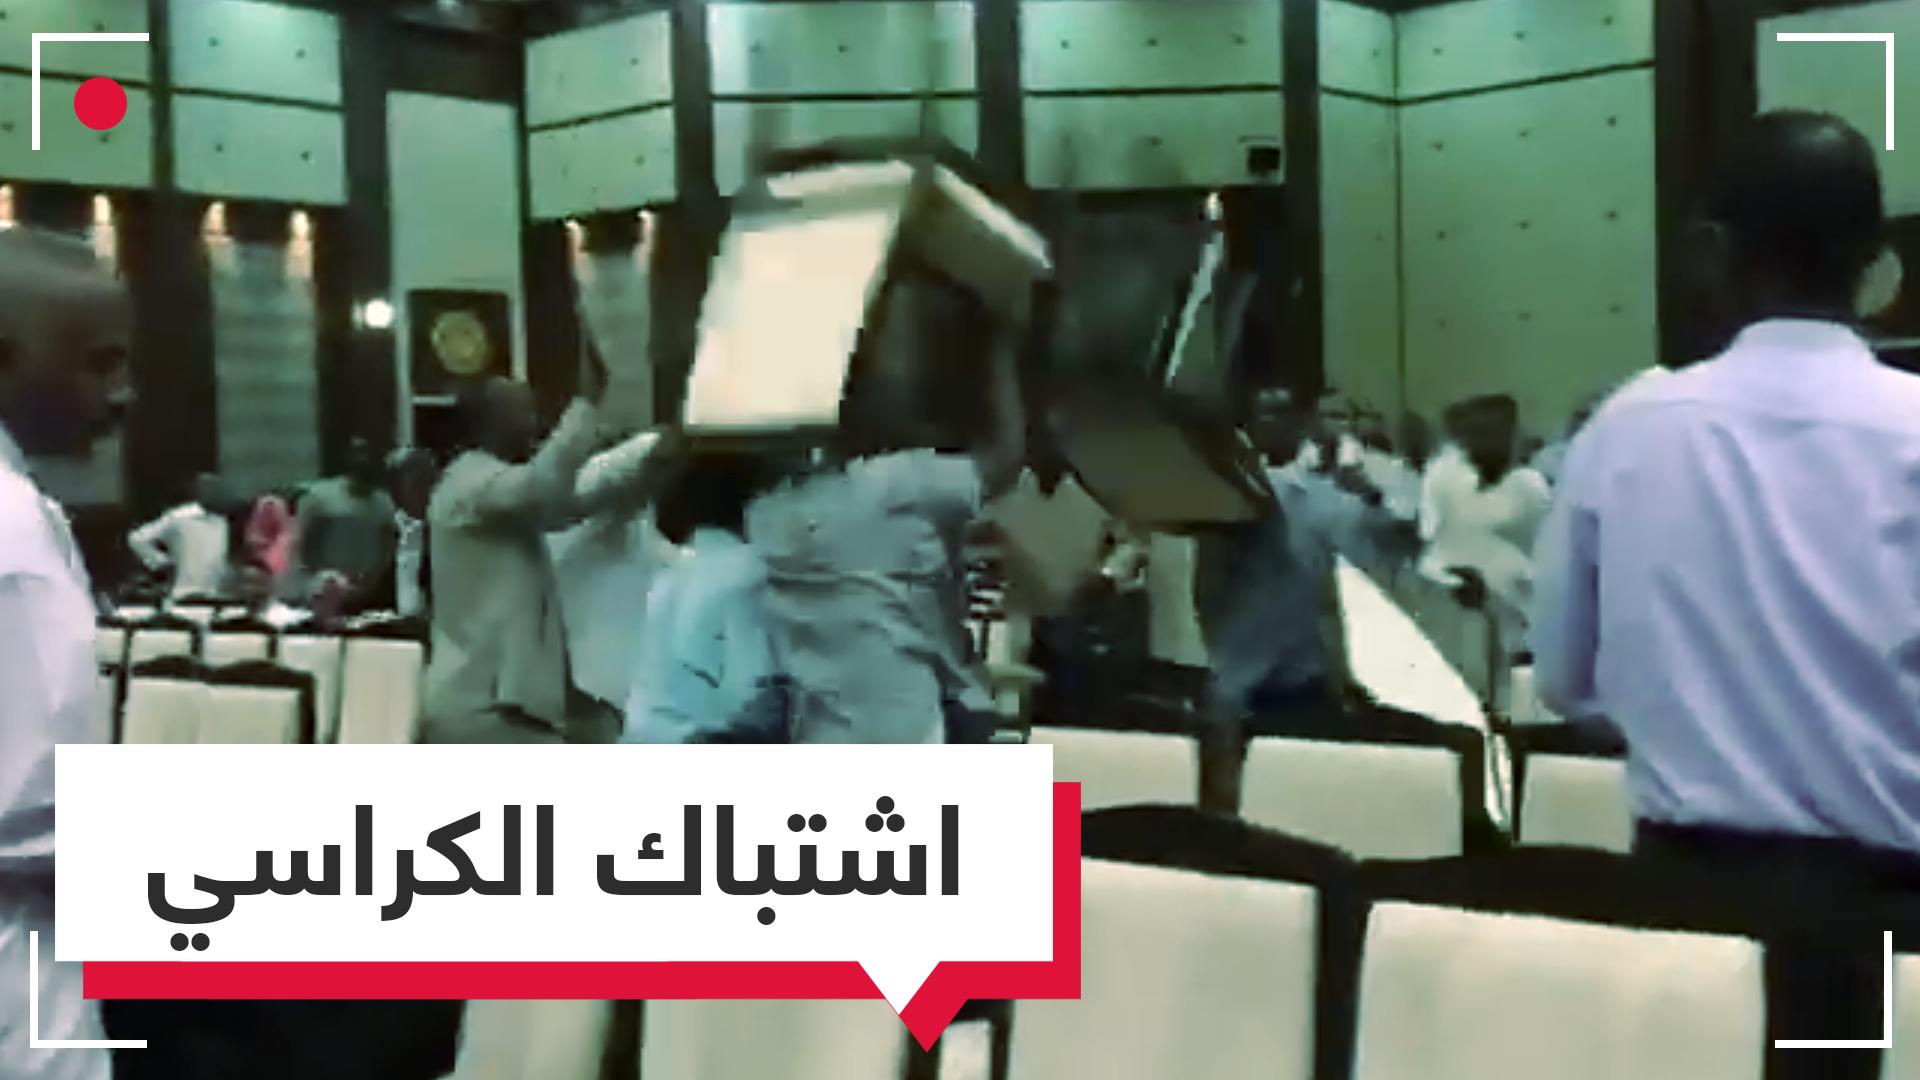 اشتباكات حادة بالكراسي داخل اجتماعات الأحزاب والقوى السياسية السودانية